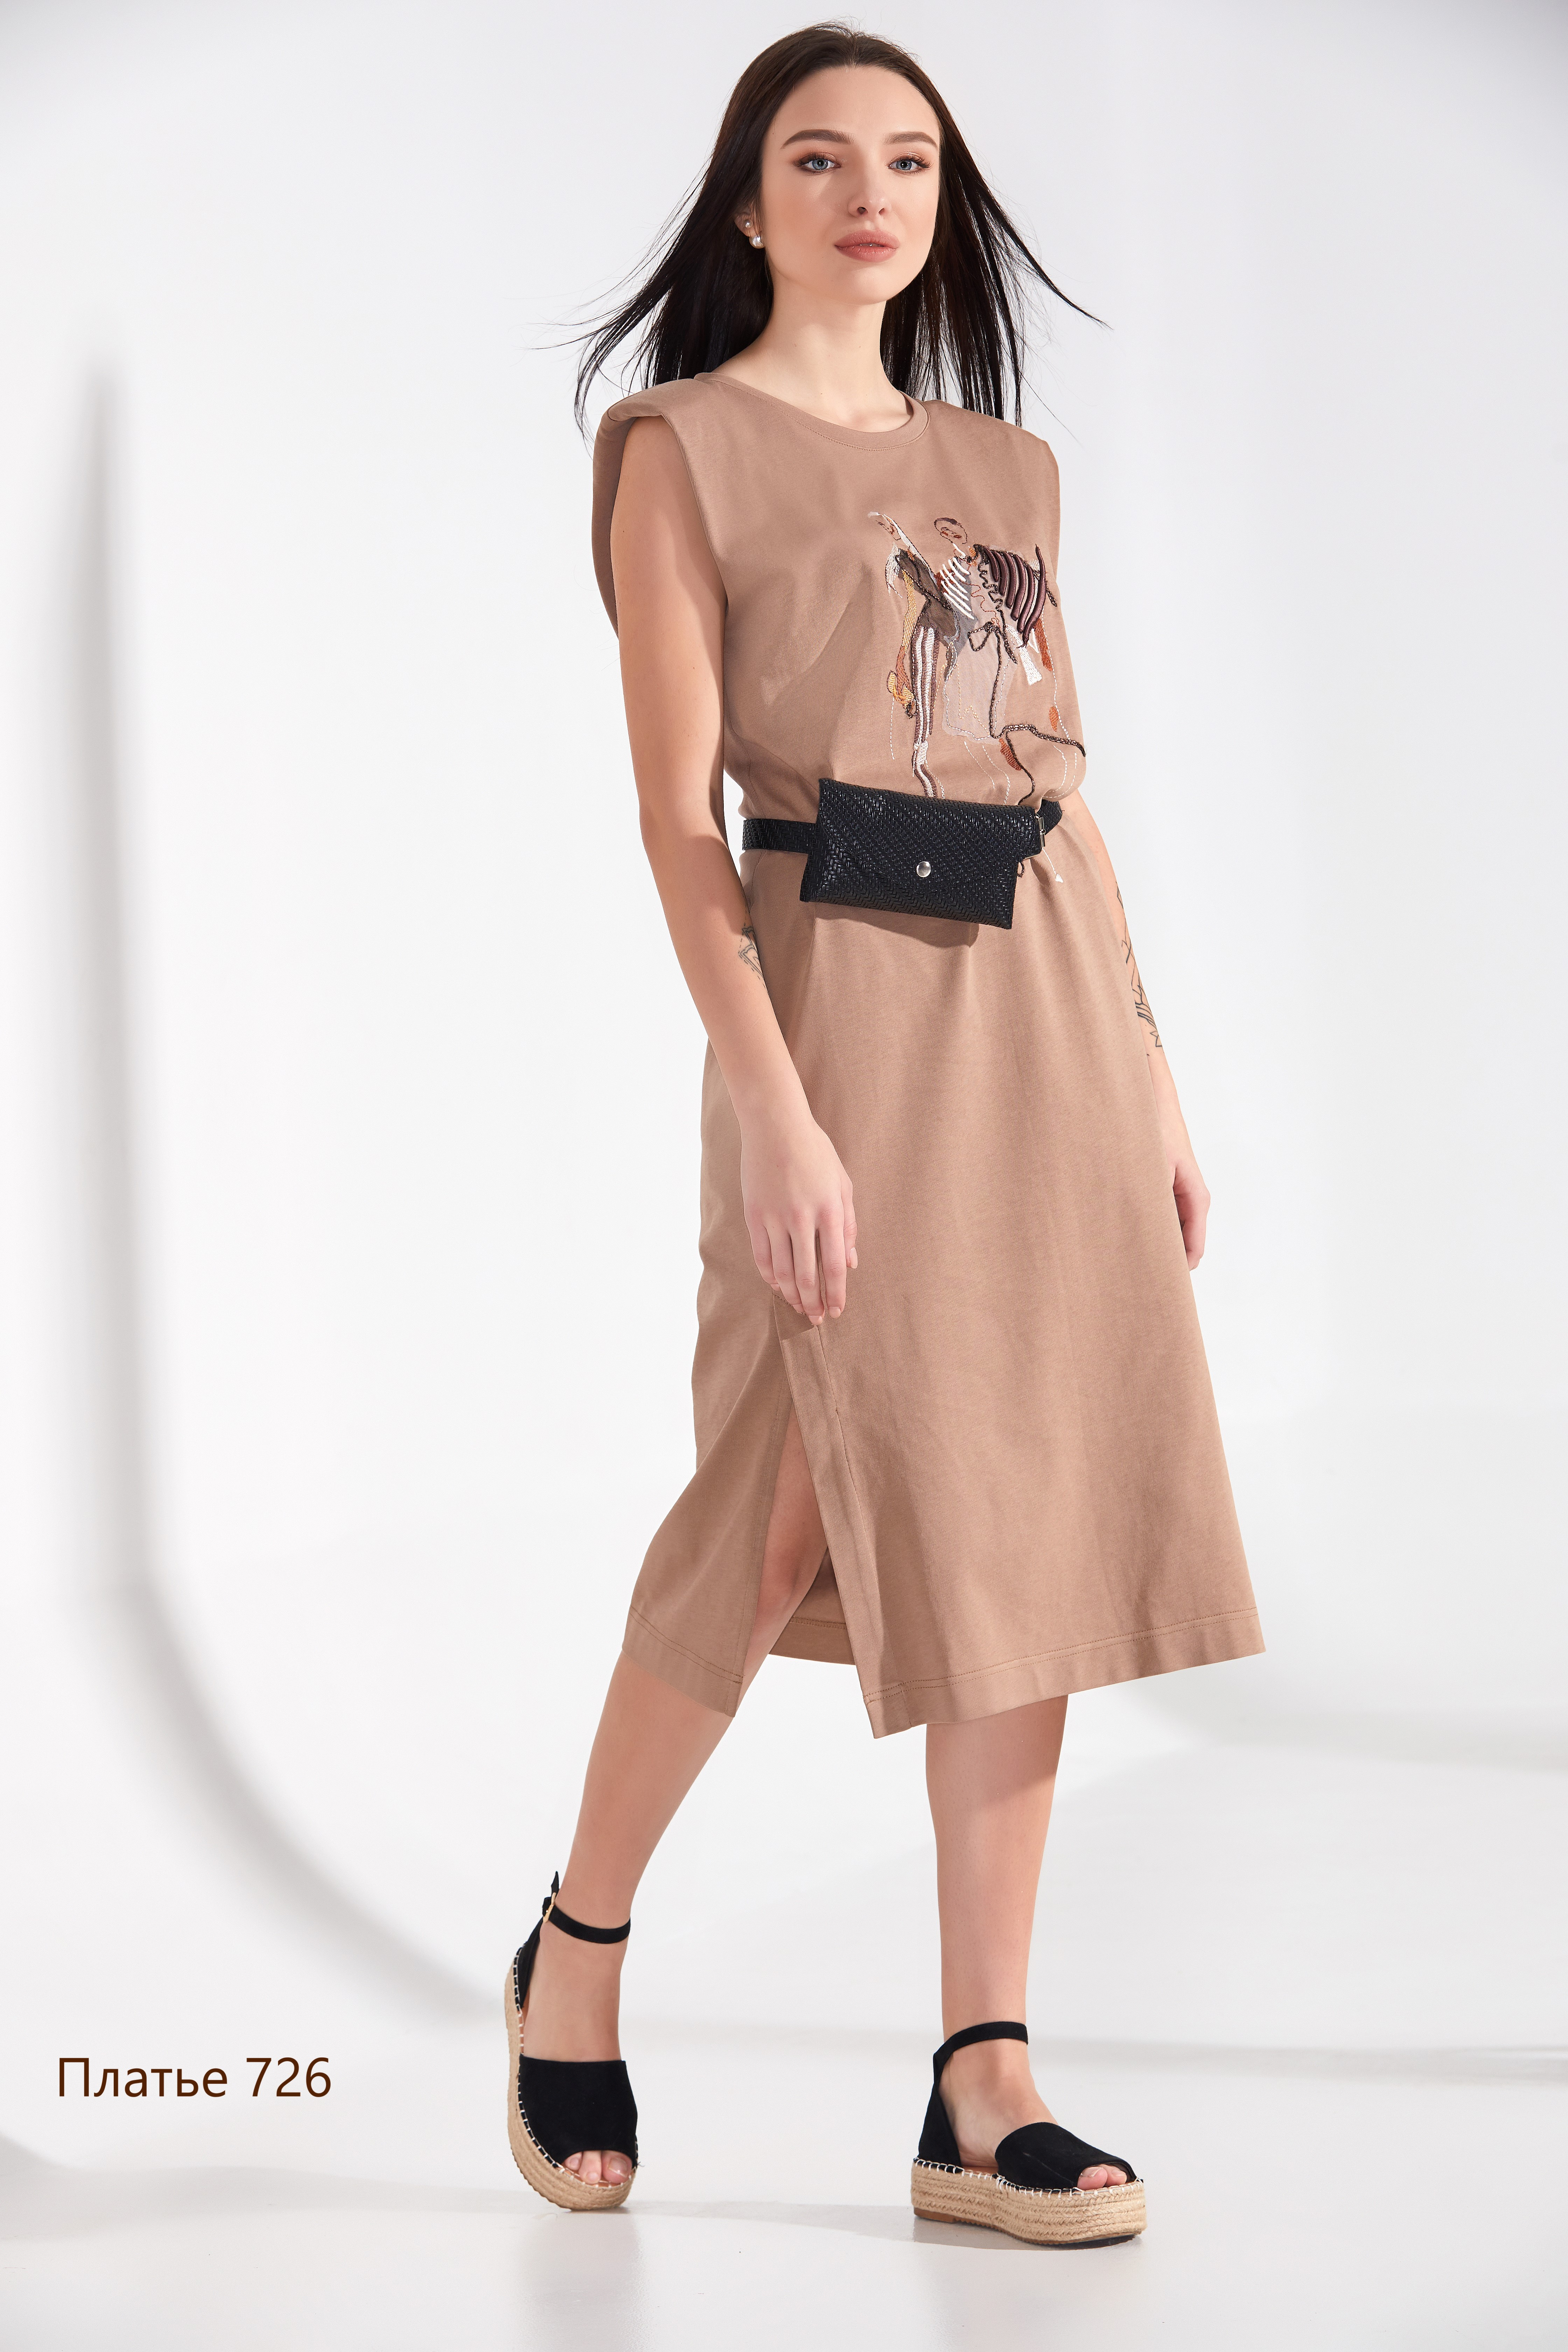 Платье 726 (1)